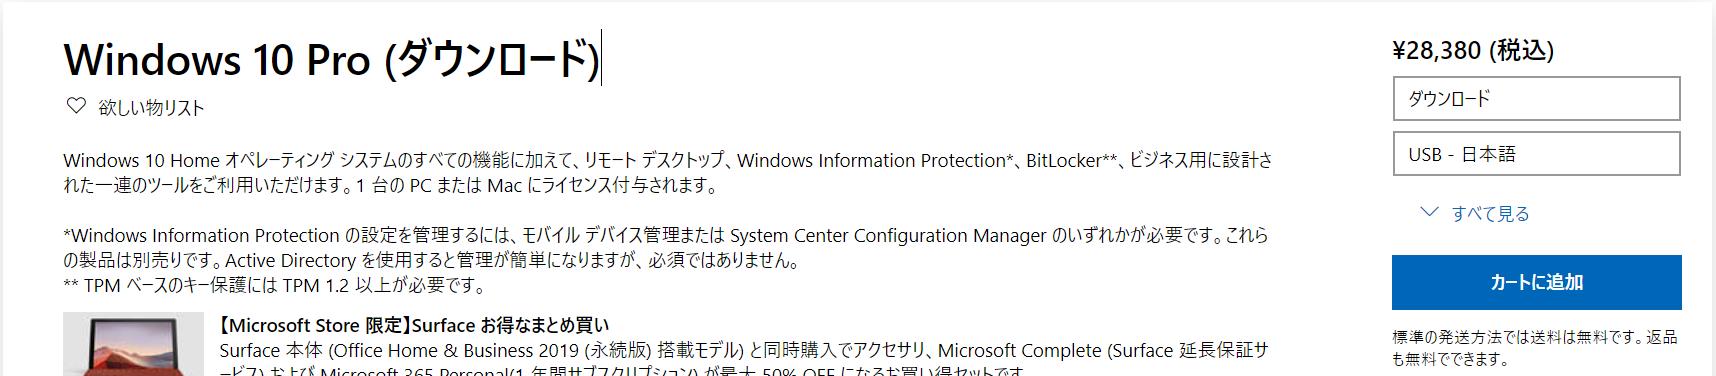 Windows 10 Home vs. Pro:その違いとは?-5